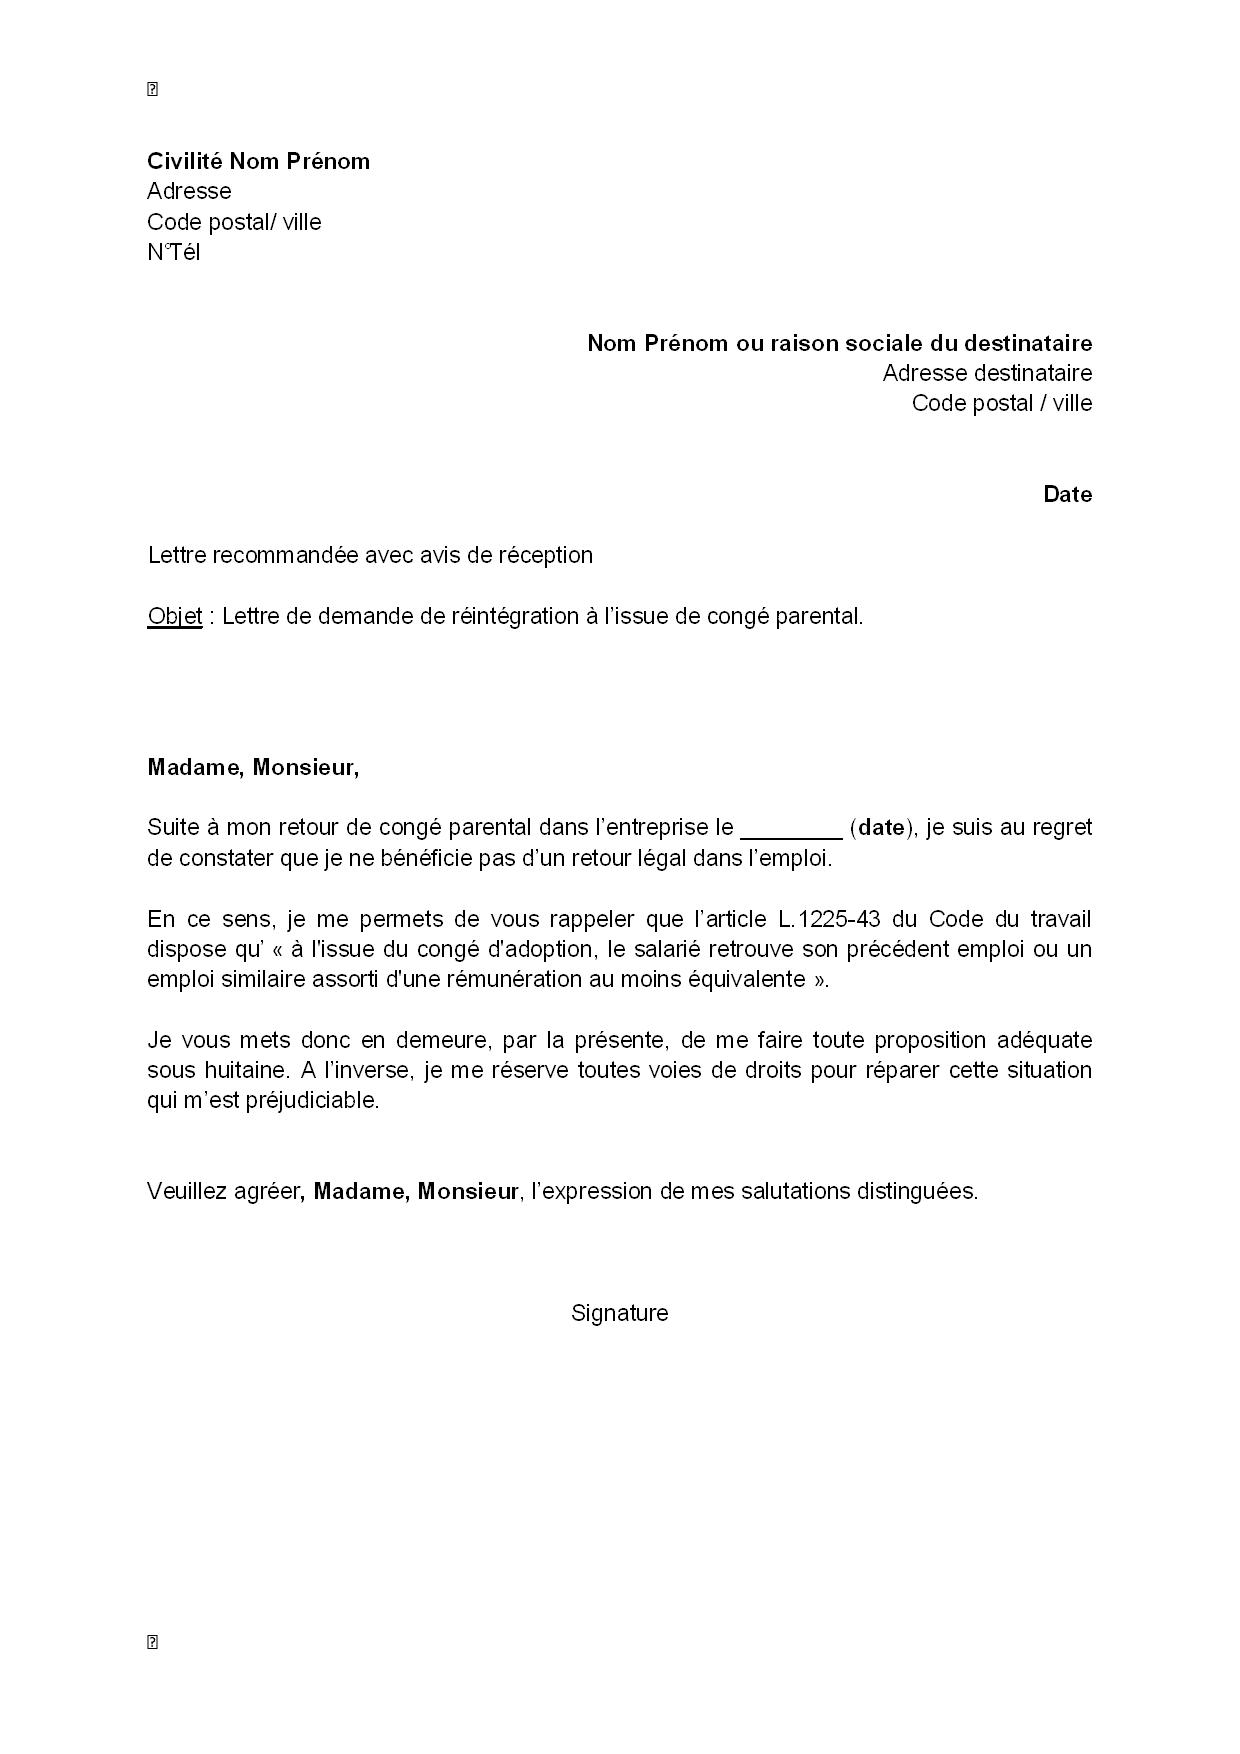 modele lettre rupture conge parental Lettre de demande de réintégration à l'issue du congé parental  modele lettre rupture conge parental